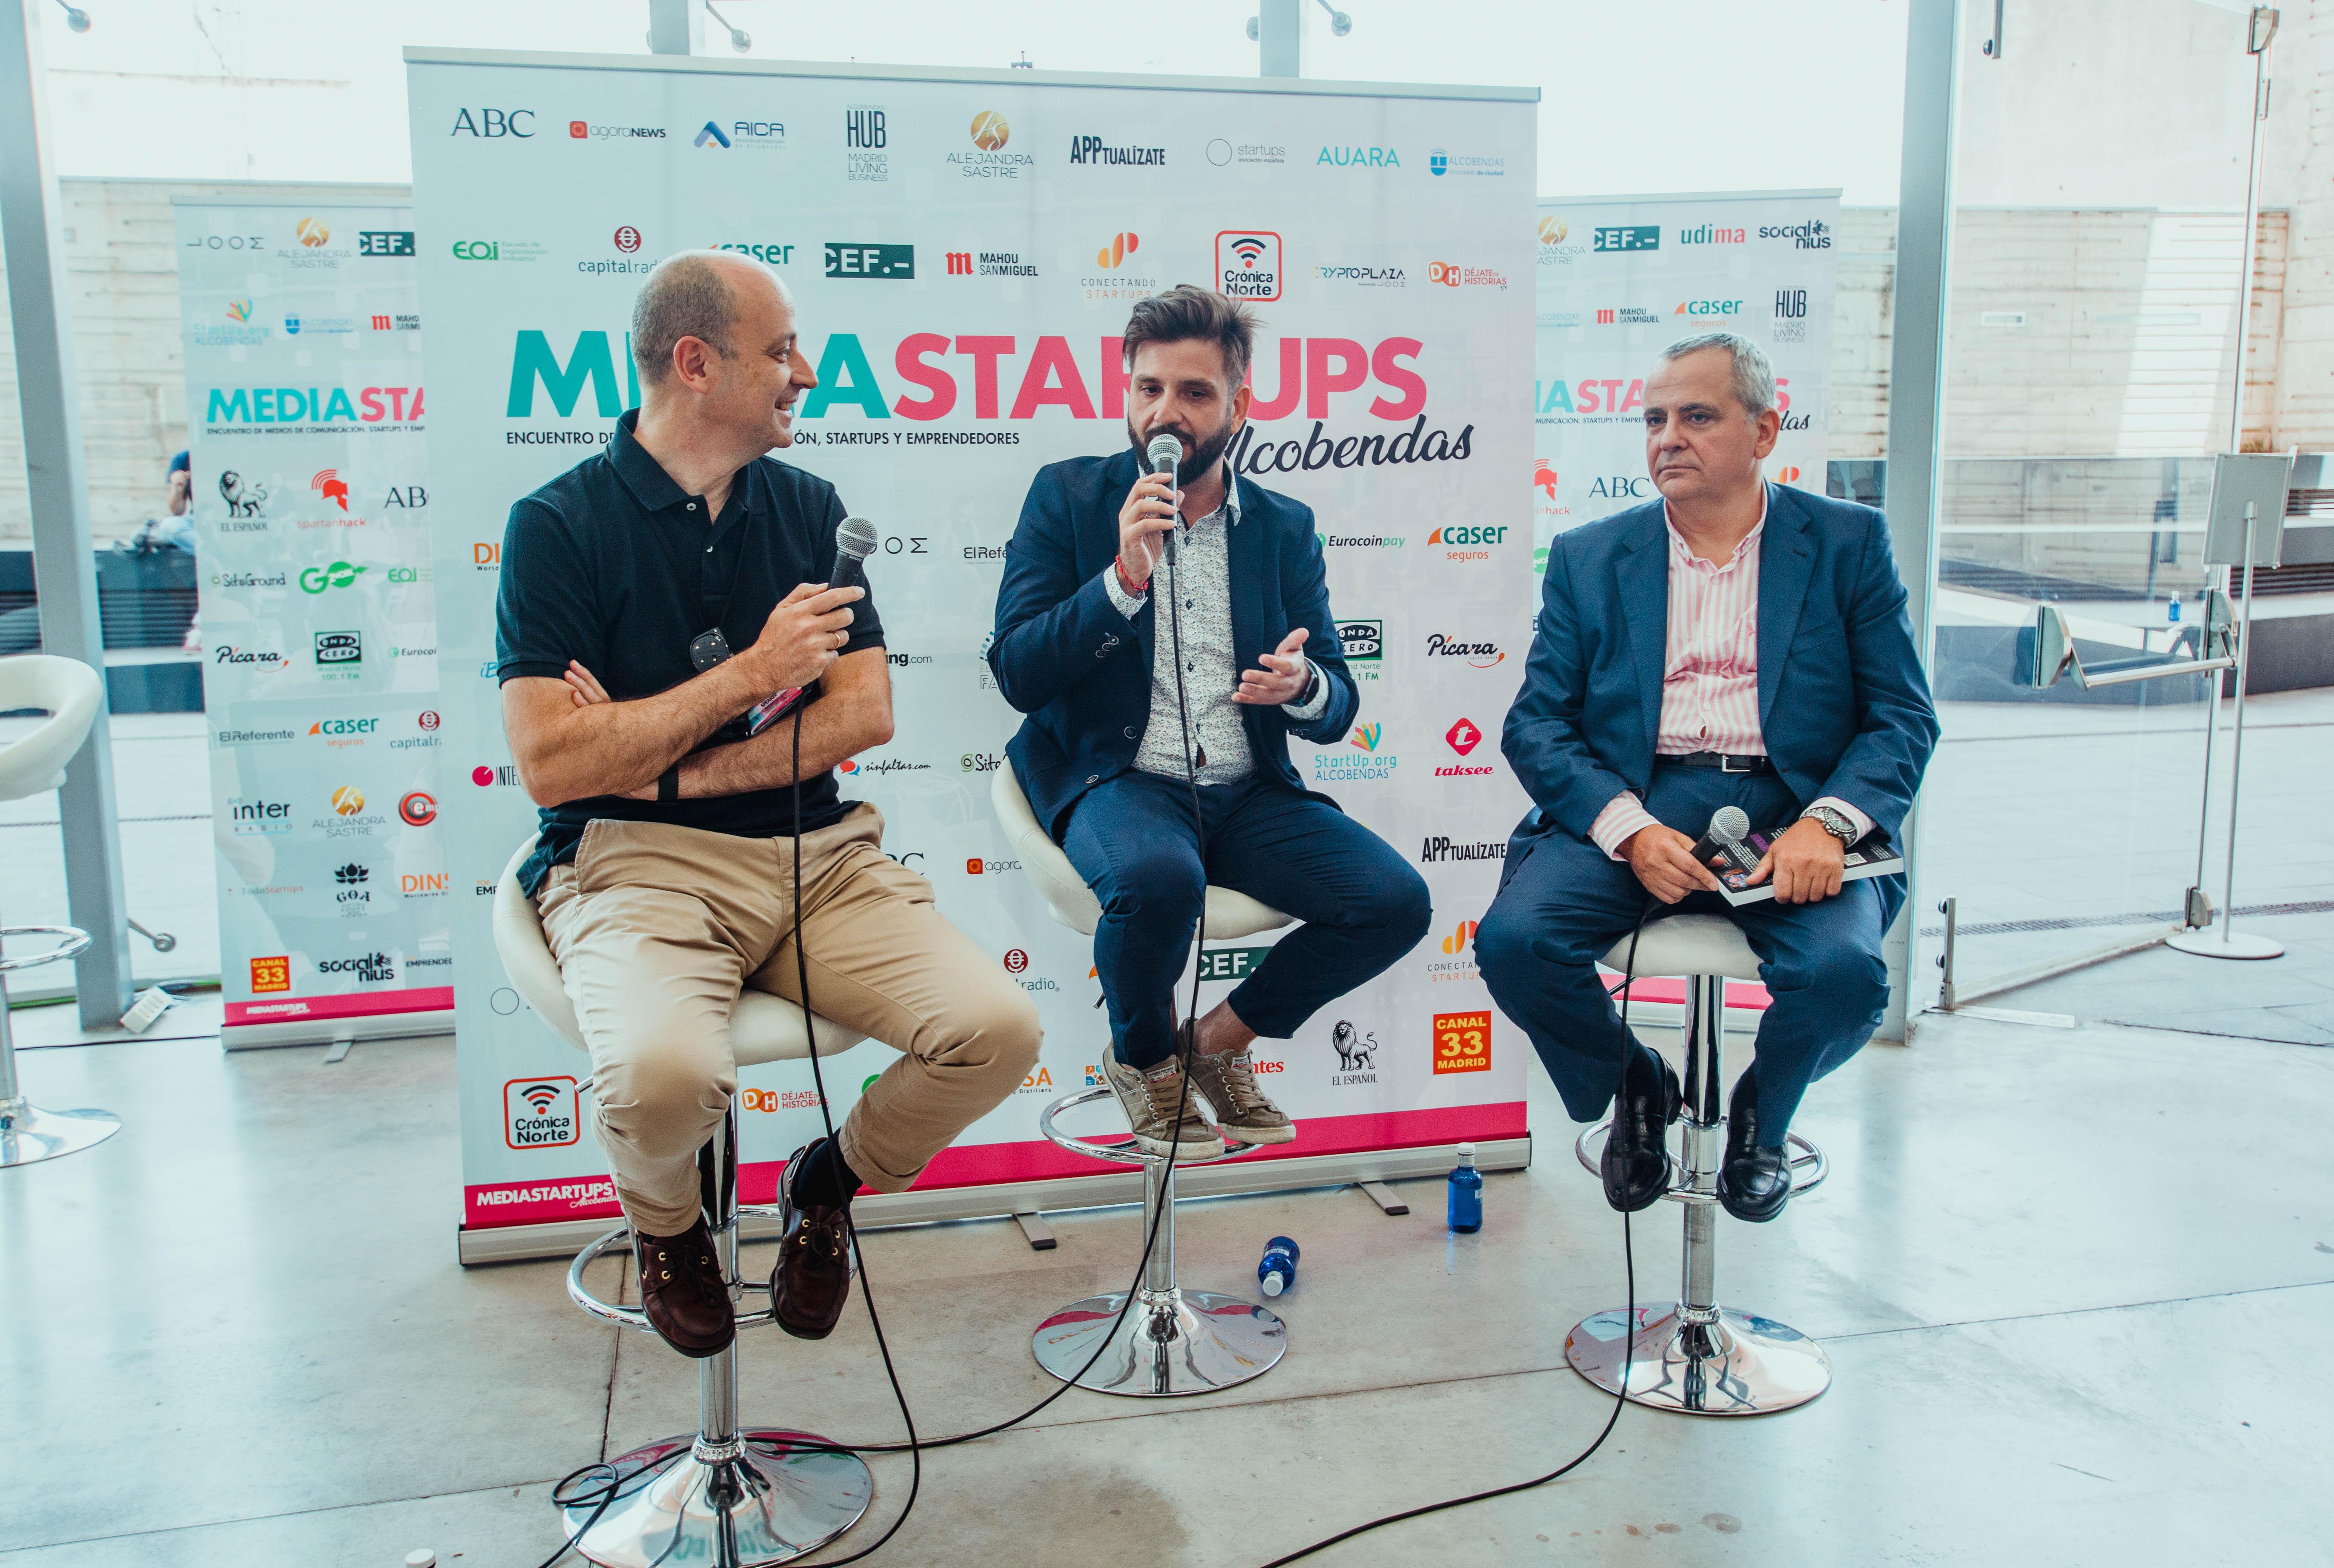 Juanma Romero y Alejandro Vesga, protagonistas de la II Edición de Mediastartups en Valencia